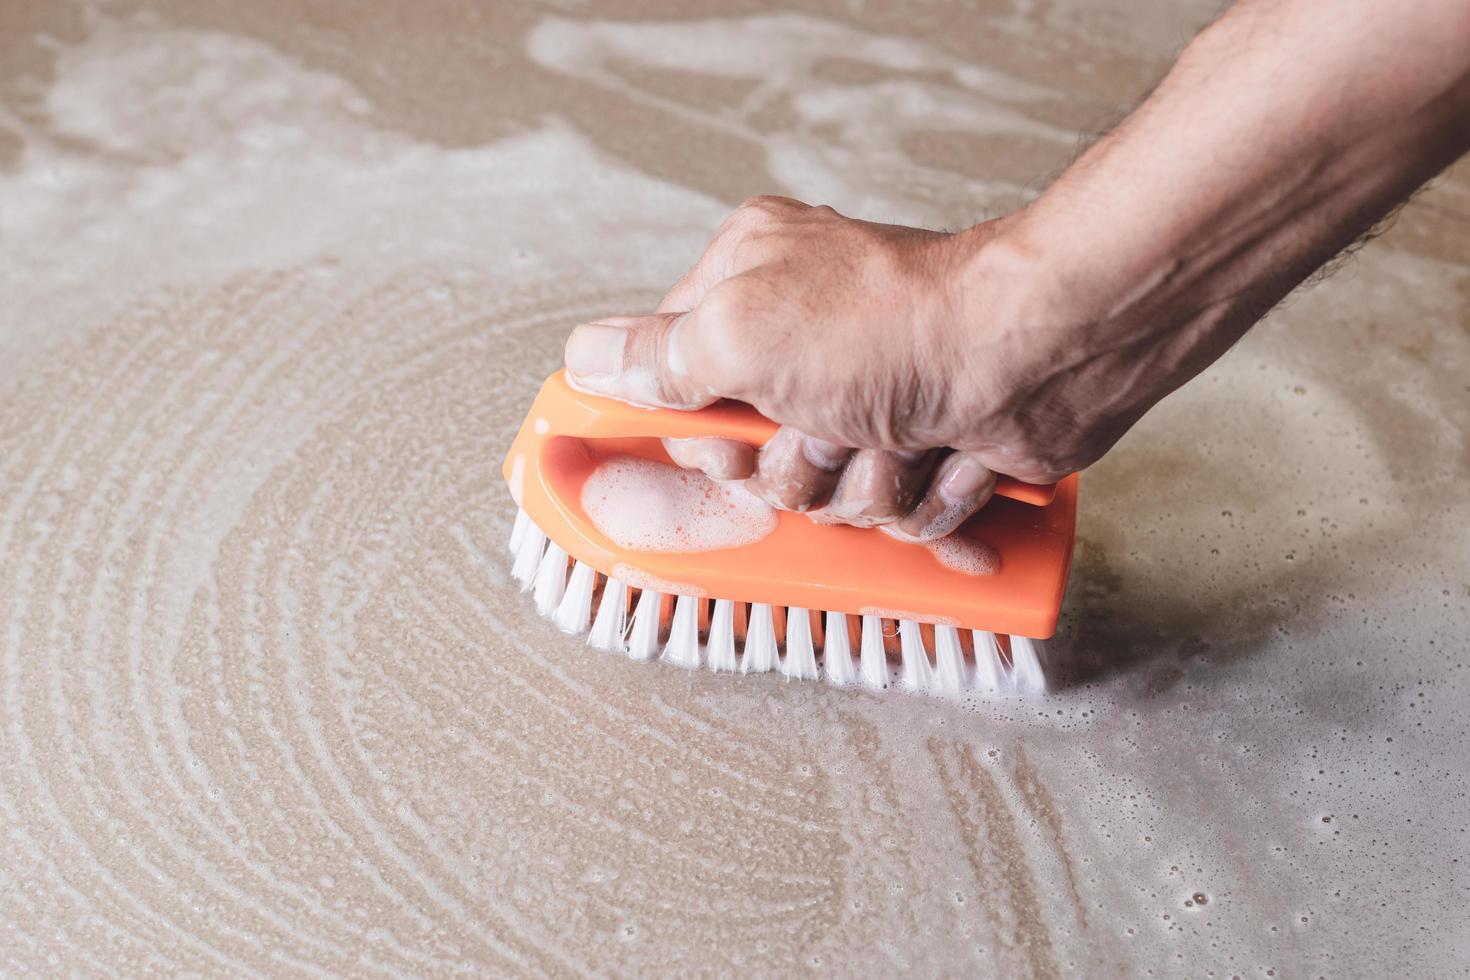 Nahaufnahme der Person, die einen Boden schrubbt foto